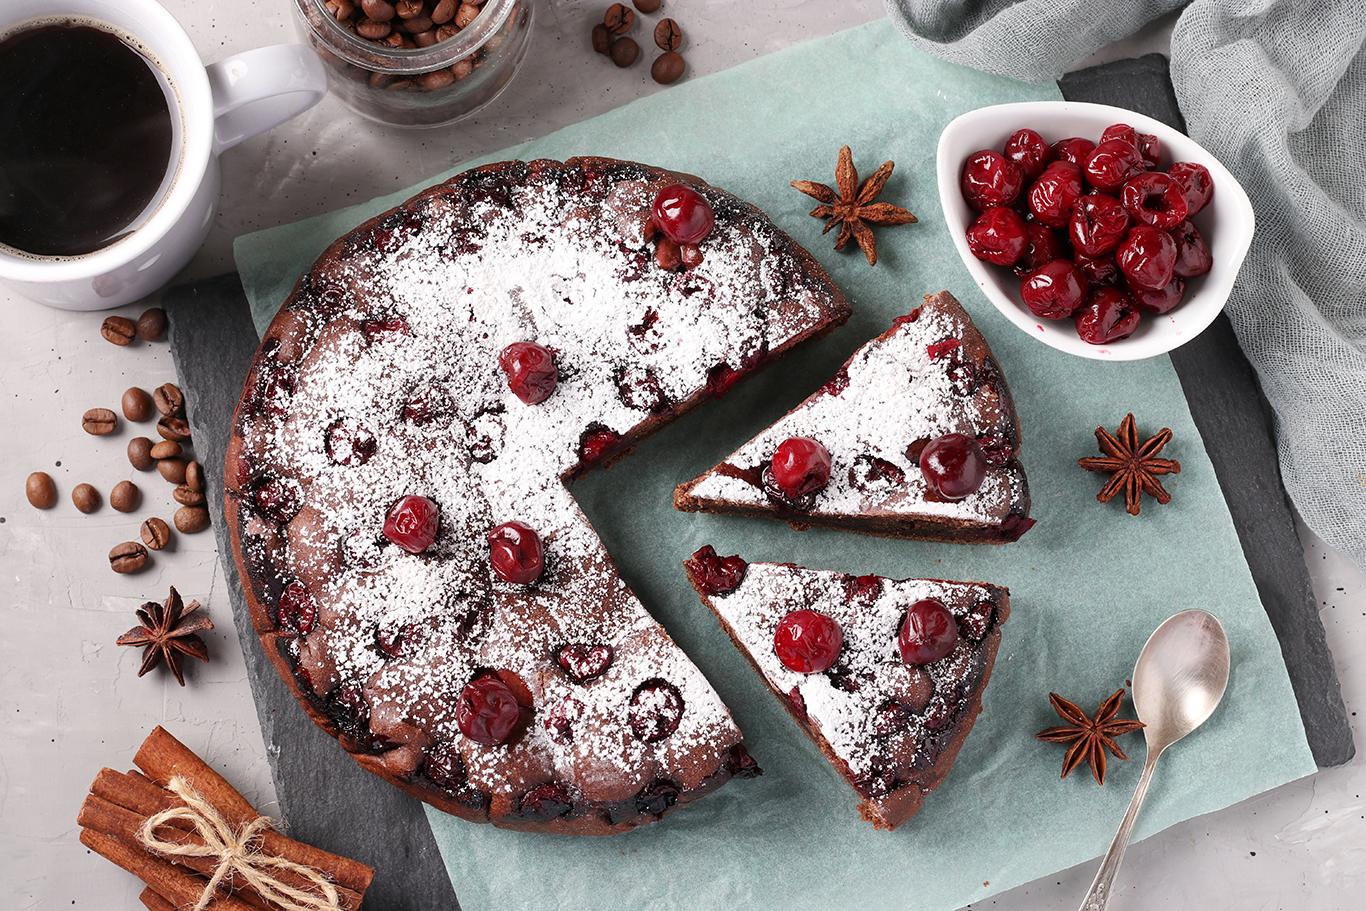 Vegan Cherry Chocolate Cake Recipe